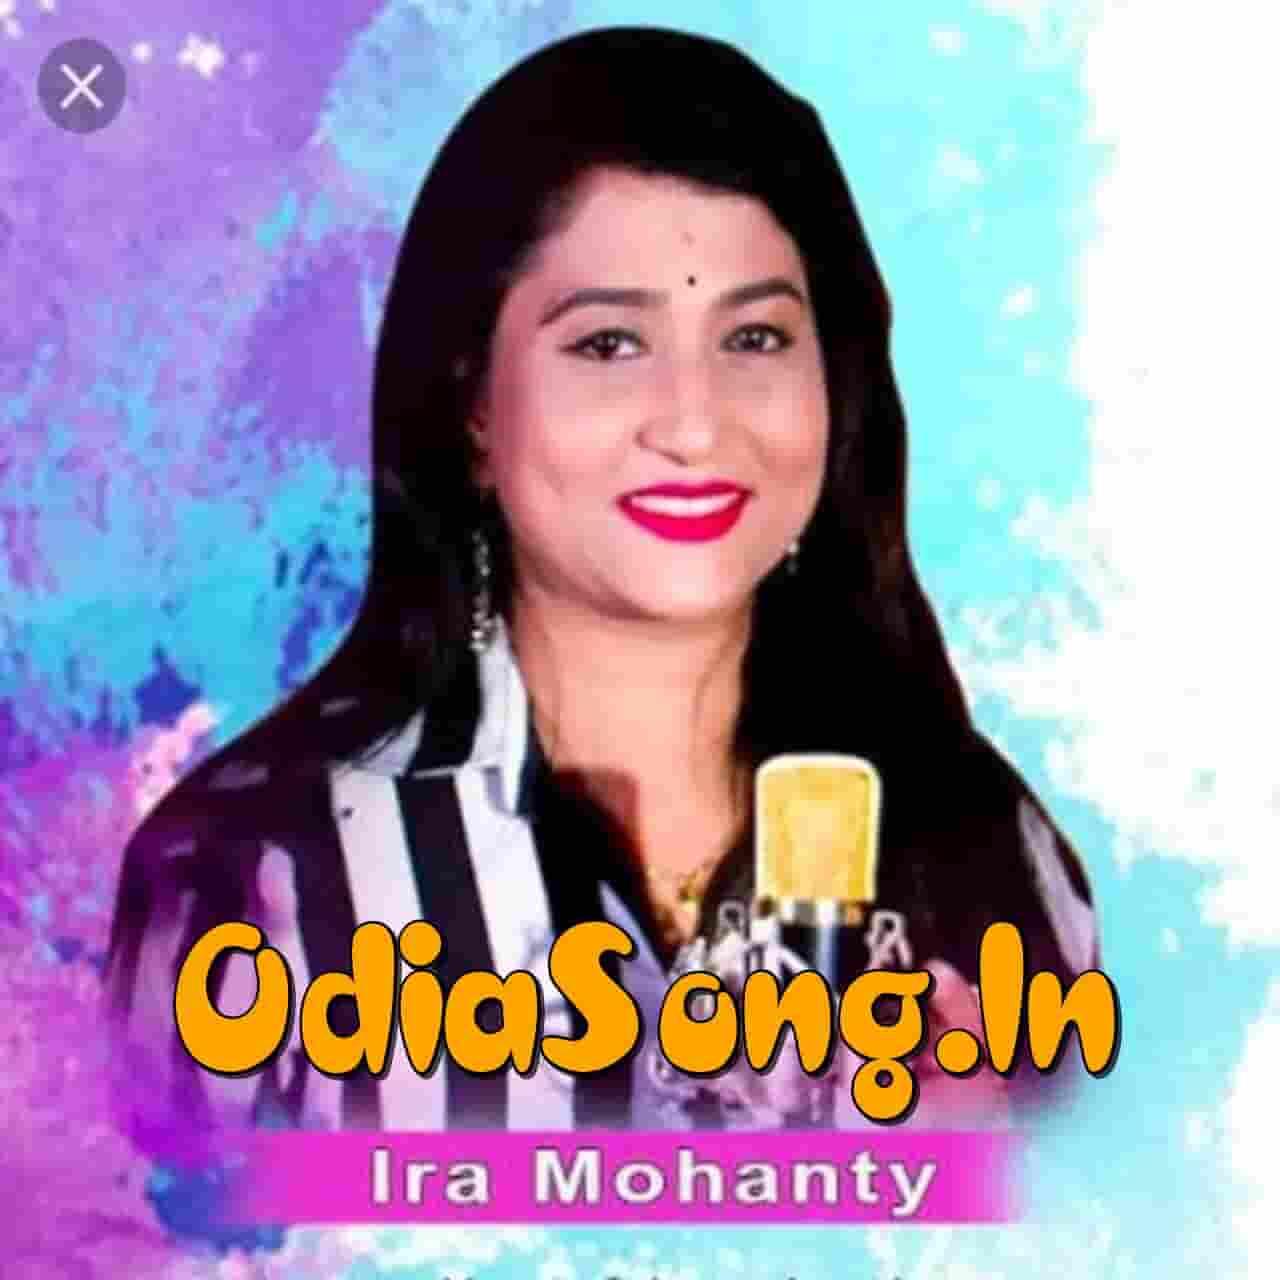 Chhadi Chaligalu Dhana (Ira Mohanty)